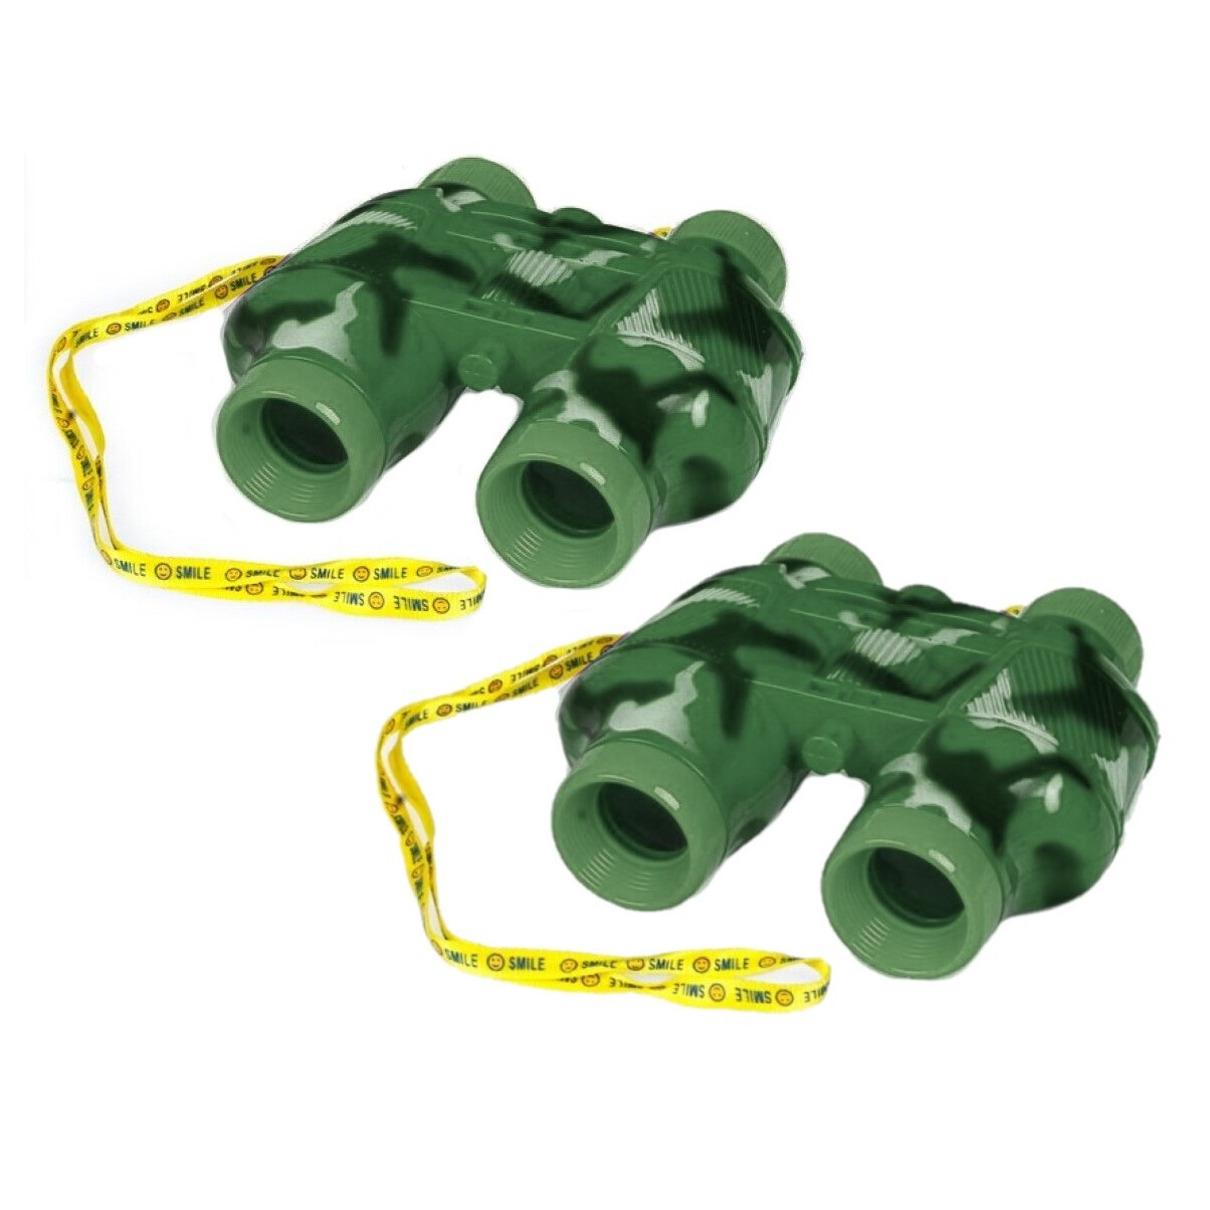 2x stuks kinder speelgoed verrekijkers groen voor peuters 14 cm